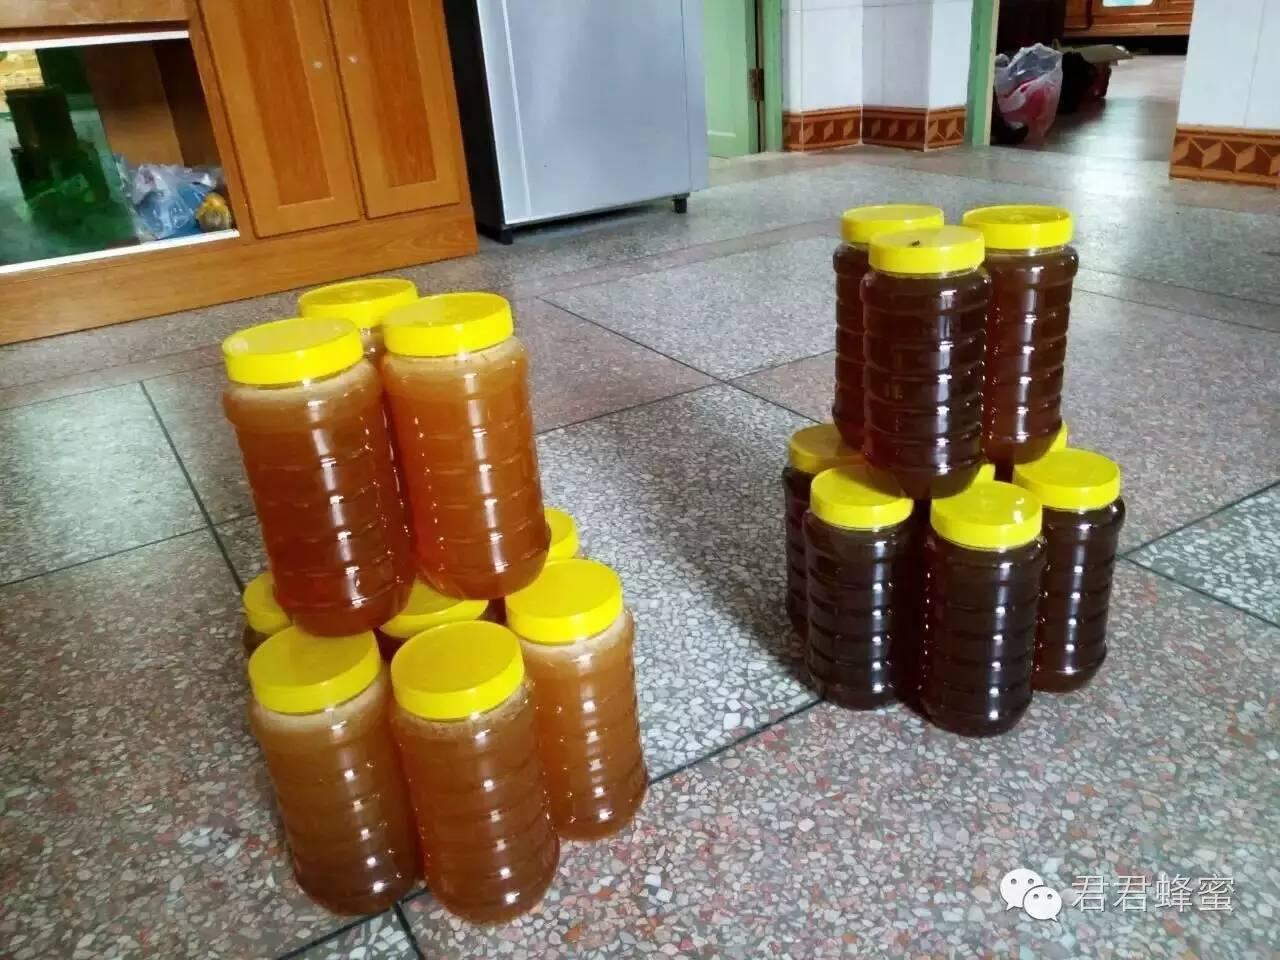 蜂蜜功效 什么样的蜂蜜好 什么蜂蜜比较好 常喝蜂蜜的好处 魔力